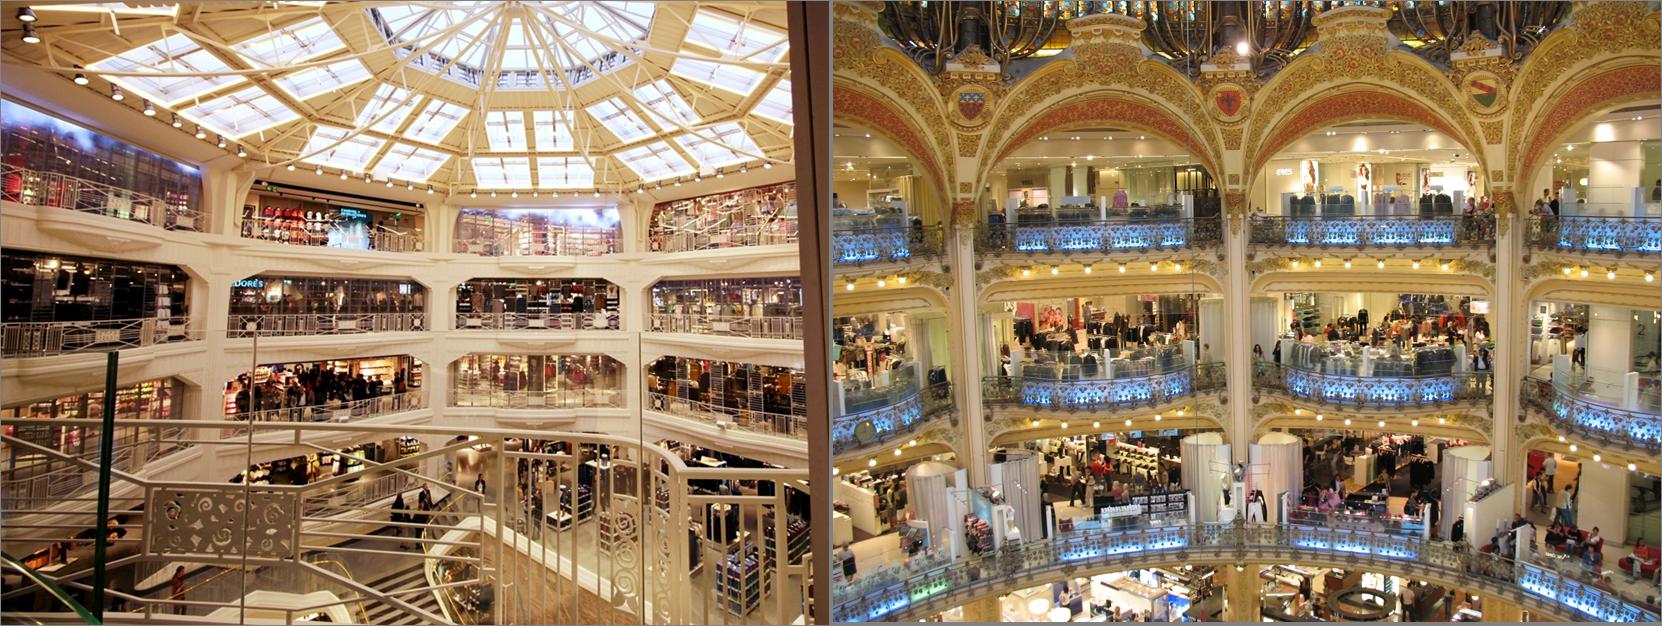 A la izquierda, Primark Gran Vía. A la derecha, Galeries Lafayette París.